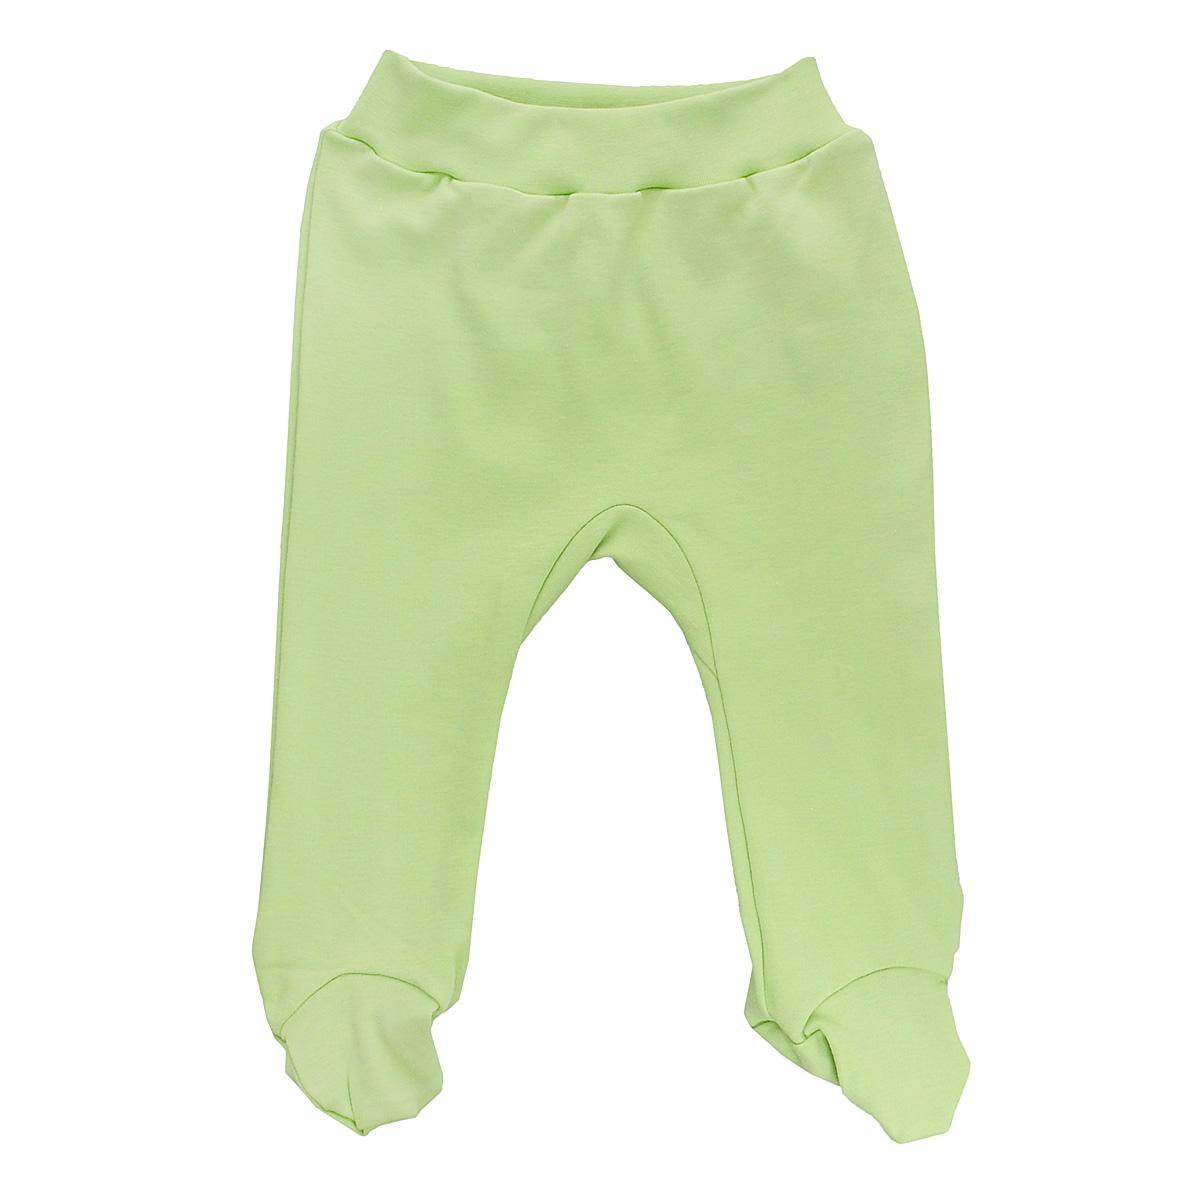 Ползунки на широком поясе Bossa Nova, цвет: светло-зеленый. 532Б-361. Размер 56, 1 месяц532Б-361Ползунки для новорожденного Bossa Nova на широком поясе послужат идеальным дополнением к гардеробу вашего малыша, обеспечивая ему наибольший комфорт.Модель, изготовленная из натурального хлопка, необычайно мягкая и легкая, не раздражает нежную кожу ребенка и хорошо вентилируется, а эластичные швы приятны телу малыша и не препятствуют его движениям. Ползунки с закрытыми ножками благодаря мягкому трикотажному поясу не сдавливают животик малыша и не сползают, идеально подходят для ношения с подгузником. Они полностью соответствуют особенностям жизни ребенка в ранний период, не стесняя и не ограничивая его в движениях.